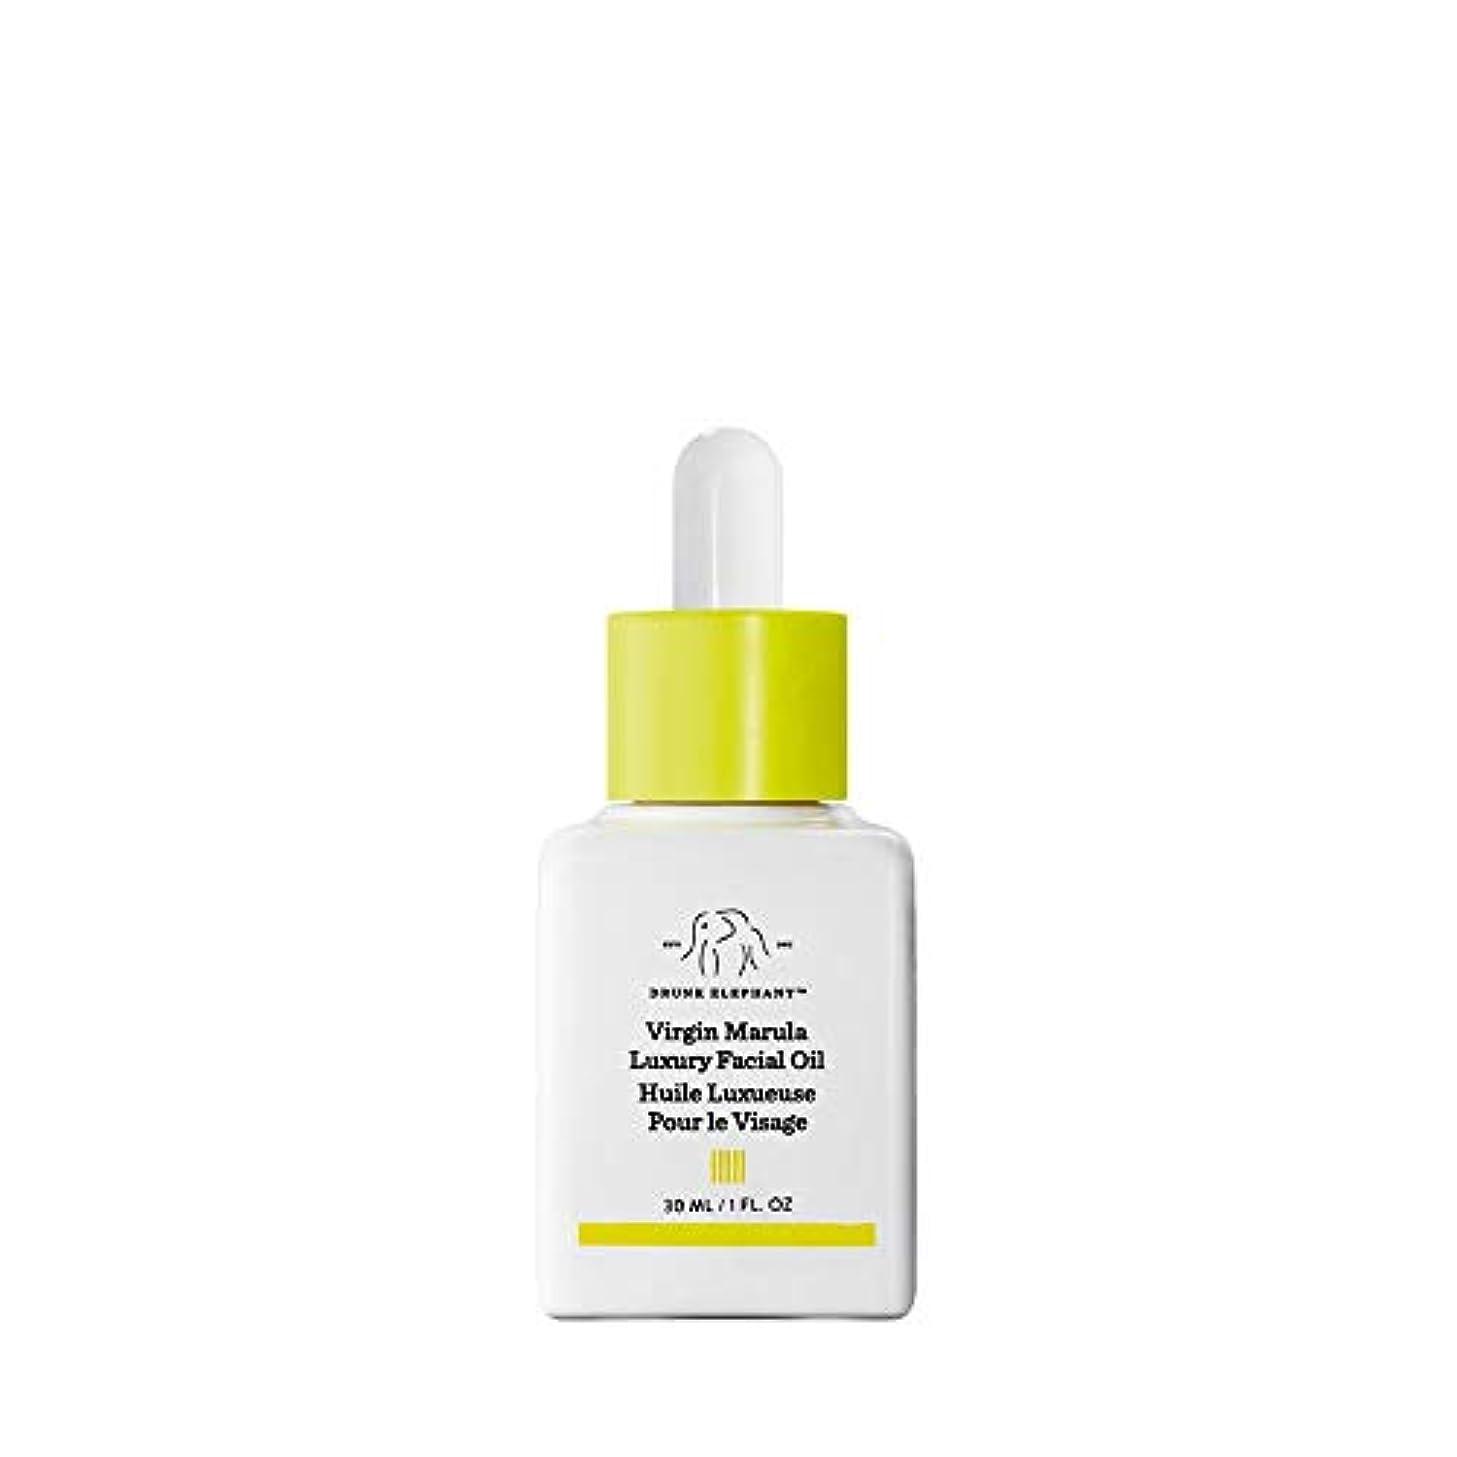 飼料チートベルベットDRUNK ELEPHANT Virgin Marula Luxury Facial Oil 1 oz/ 30 ml ドランクエレファント バージンマルラ ラグジュアリー フェイシャルオイル1 oz/ 30 ml